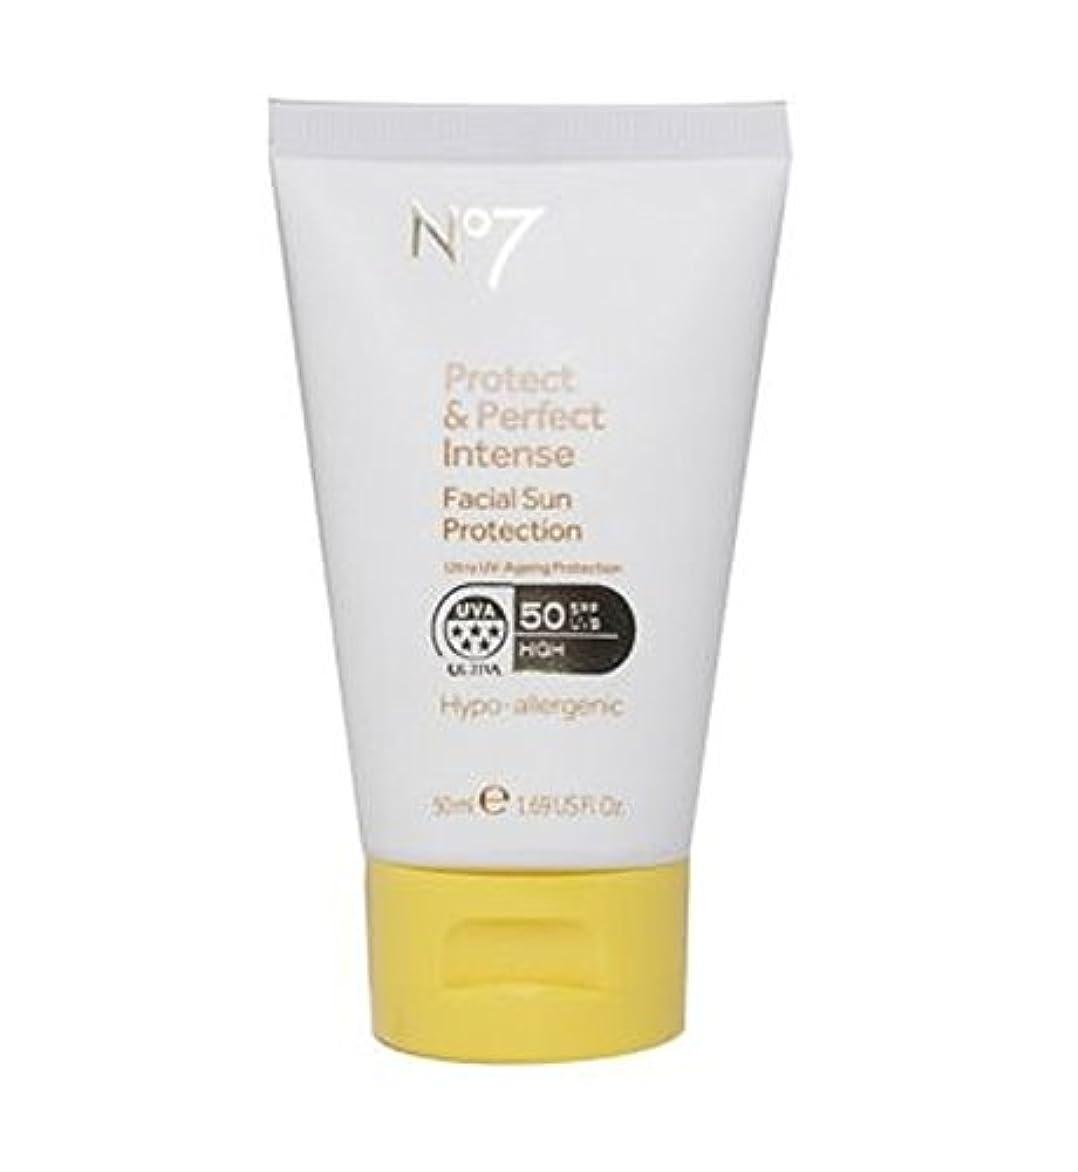 別々にに変わる端末No7 Protect & Perfect Intense Facial Sun Protection SPF 50 50ml - No7保護&完璧な強烈な顔の日焼け防止Spf 50 50ミリリットル (No7) [並行輸入品]